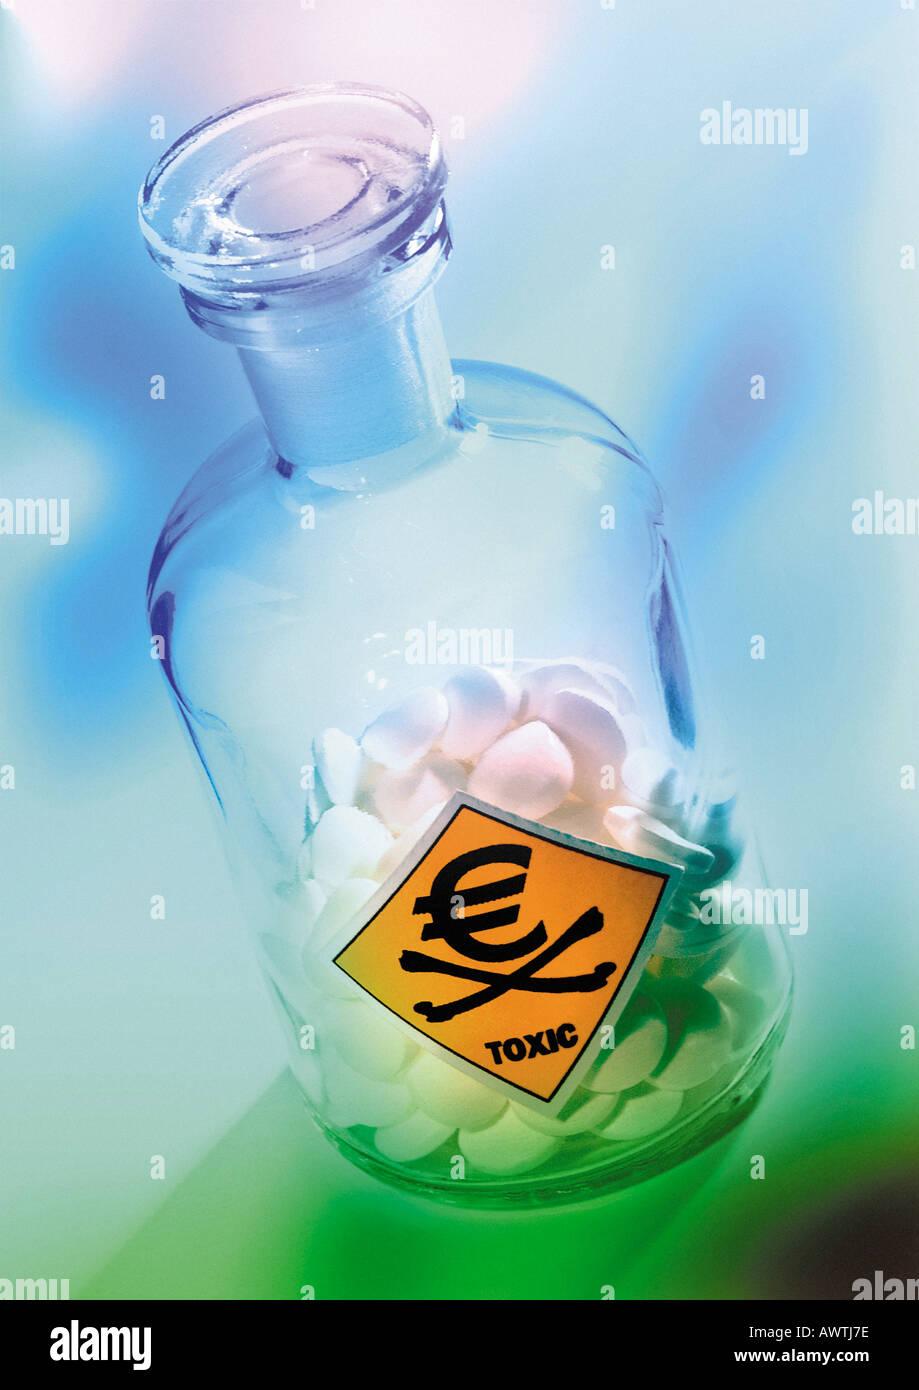 Euro sign on poison bottle. - Stock Image